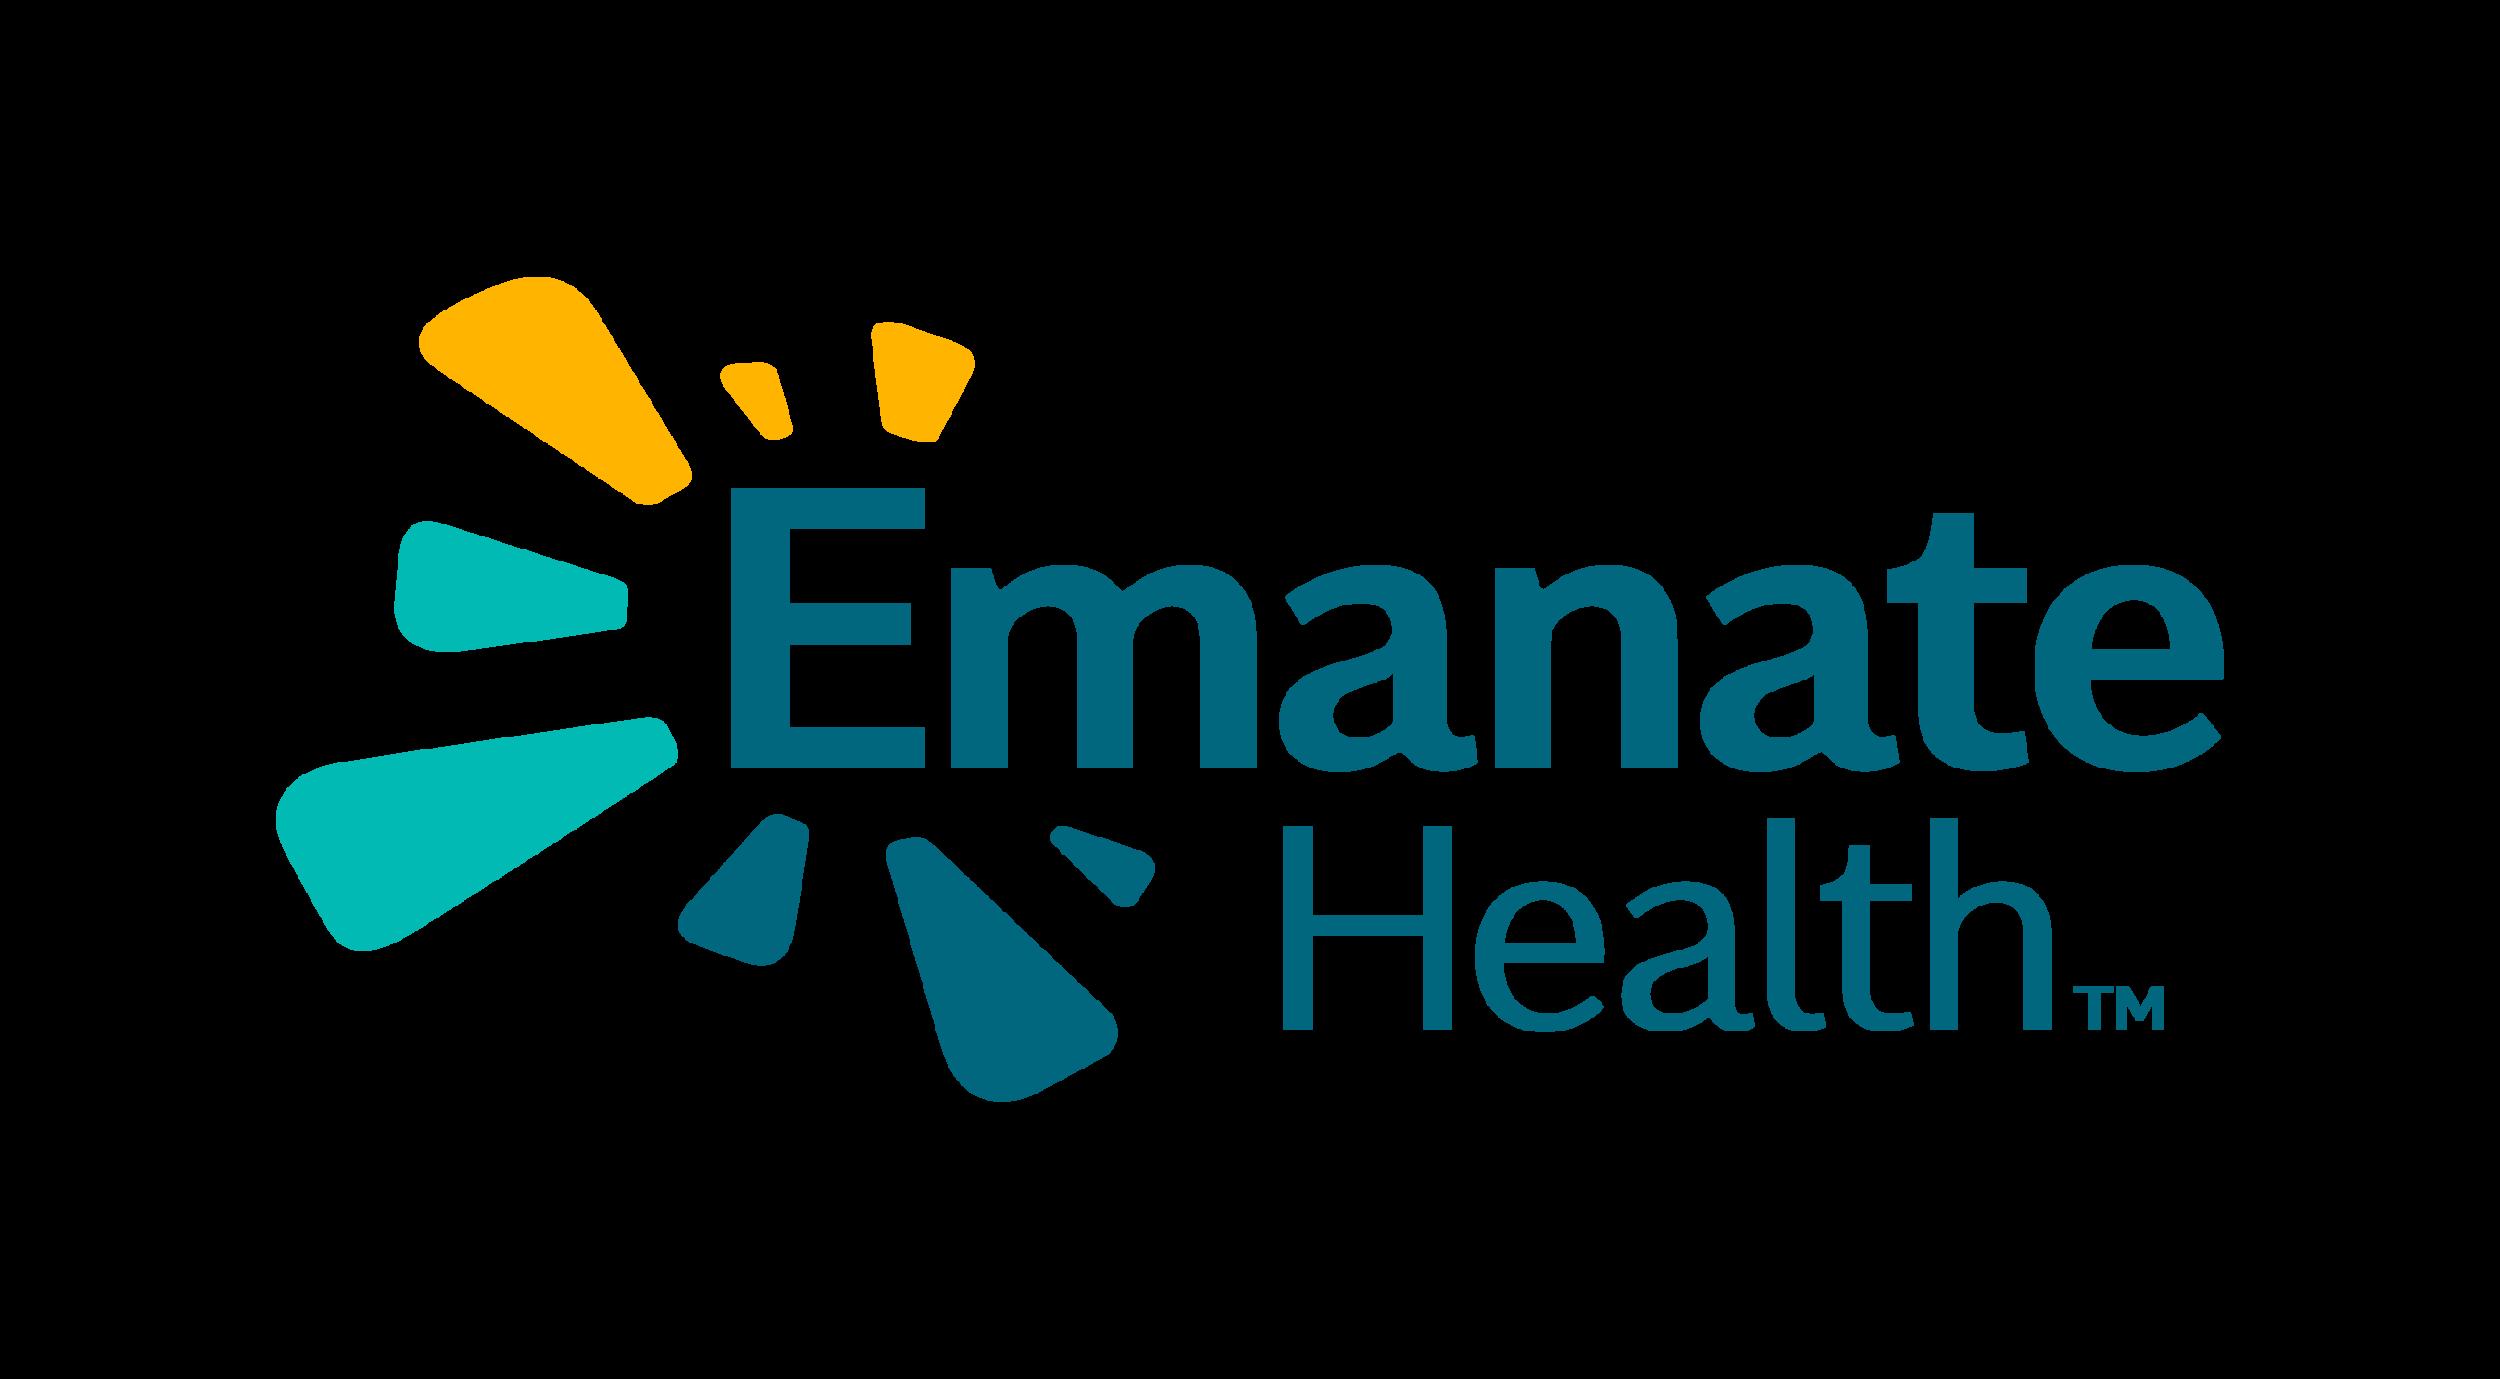 2019 HOTV HF Emanate eh_tm_prf_pos_clr_rgb_190227.png